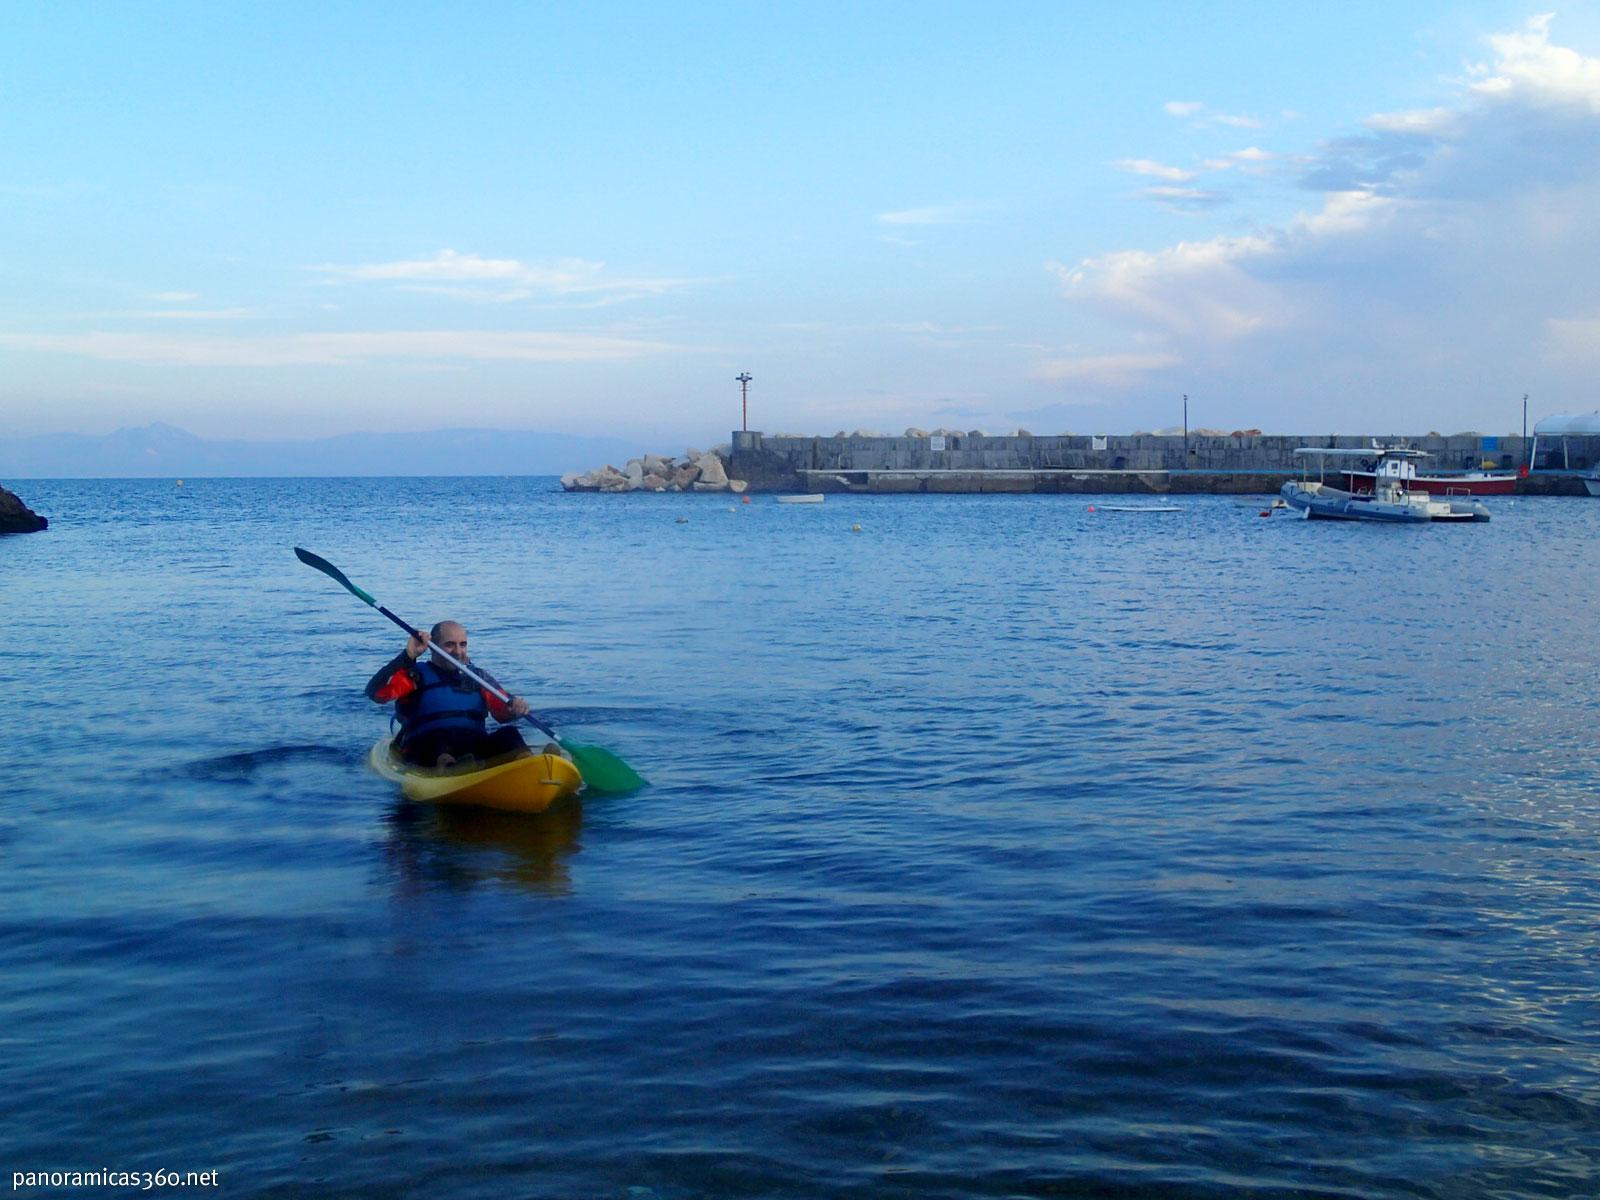 Isidoro entrando en el puerto de Tabarca